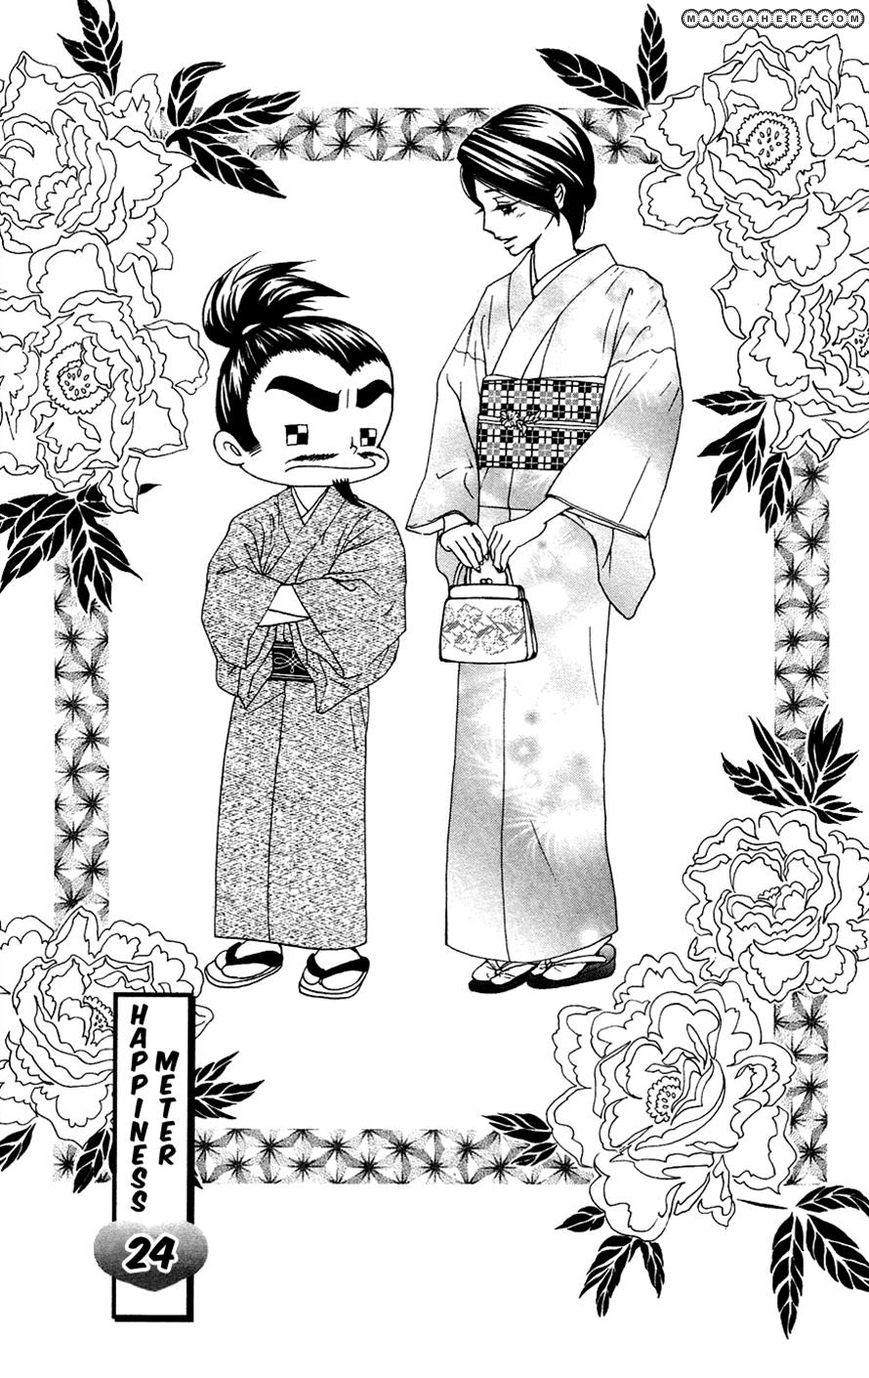 Ojousama Wa Oyomesama 24 Page 1